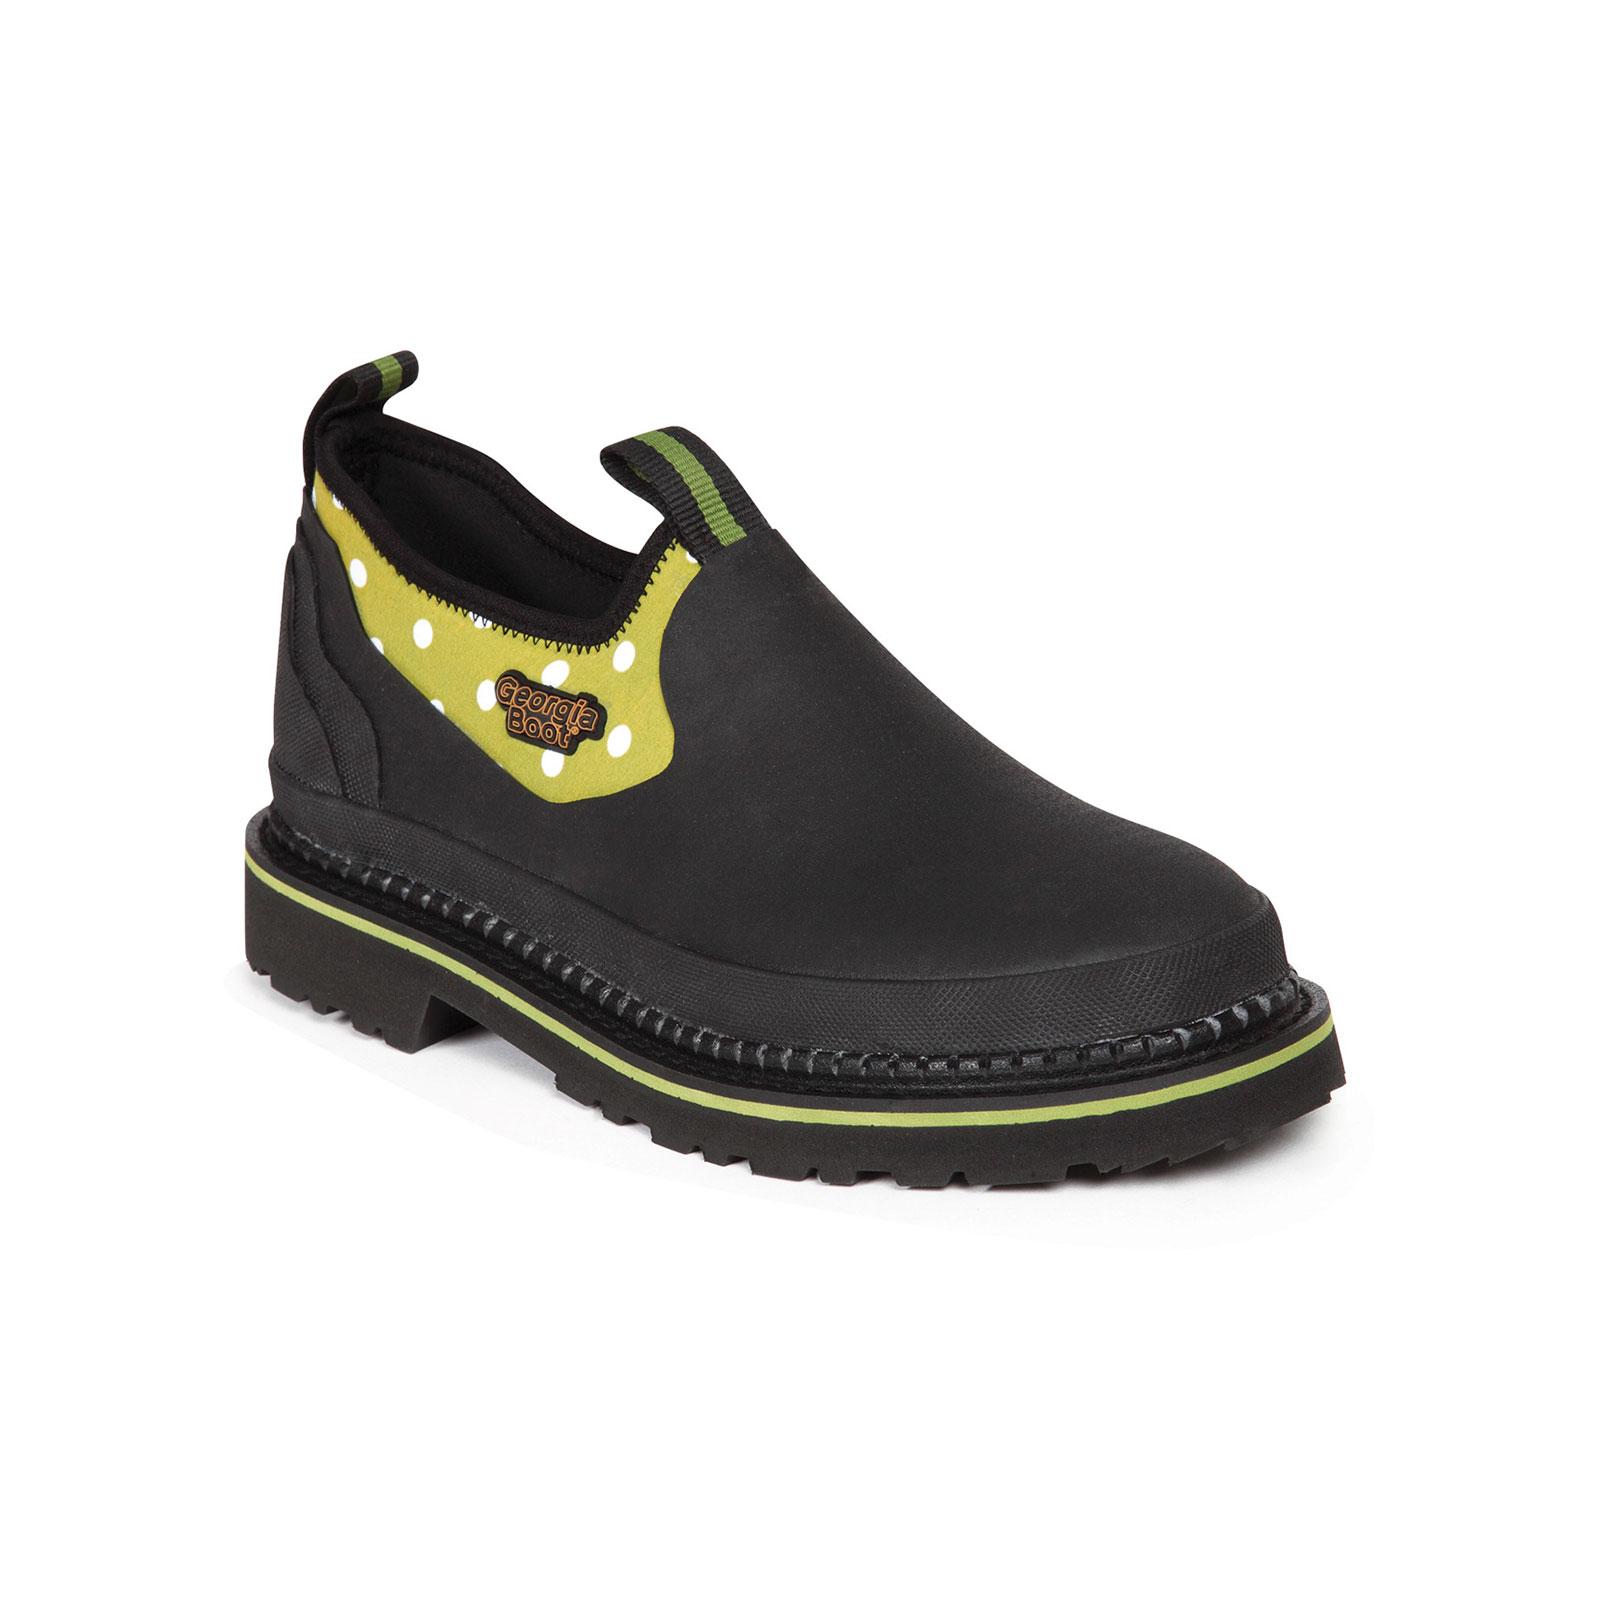 gr110 romeo 039 s waterproof rubber slip on